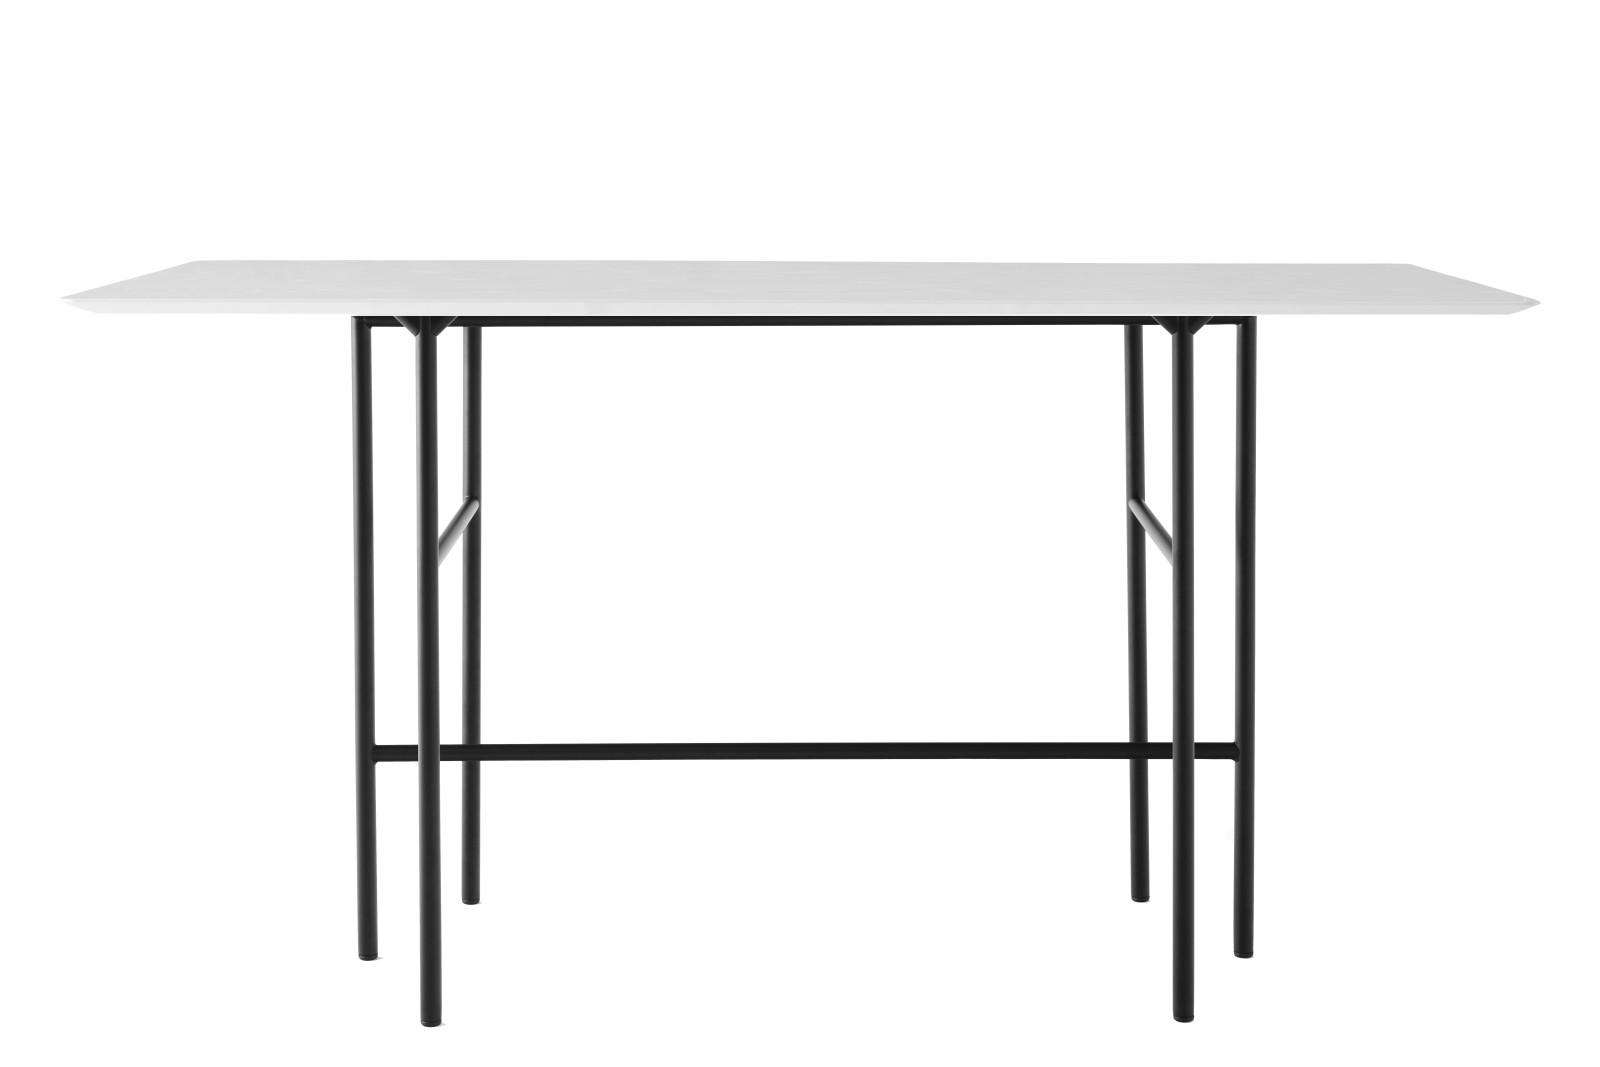 Snaregade Rectangular Bar Table Black/Light Grey